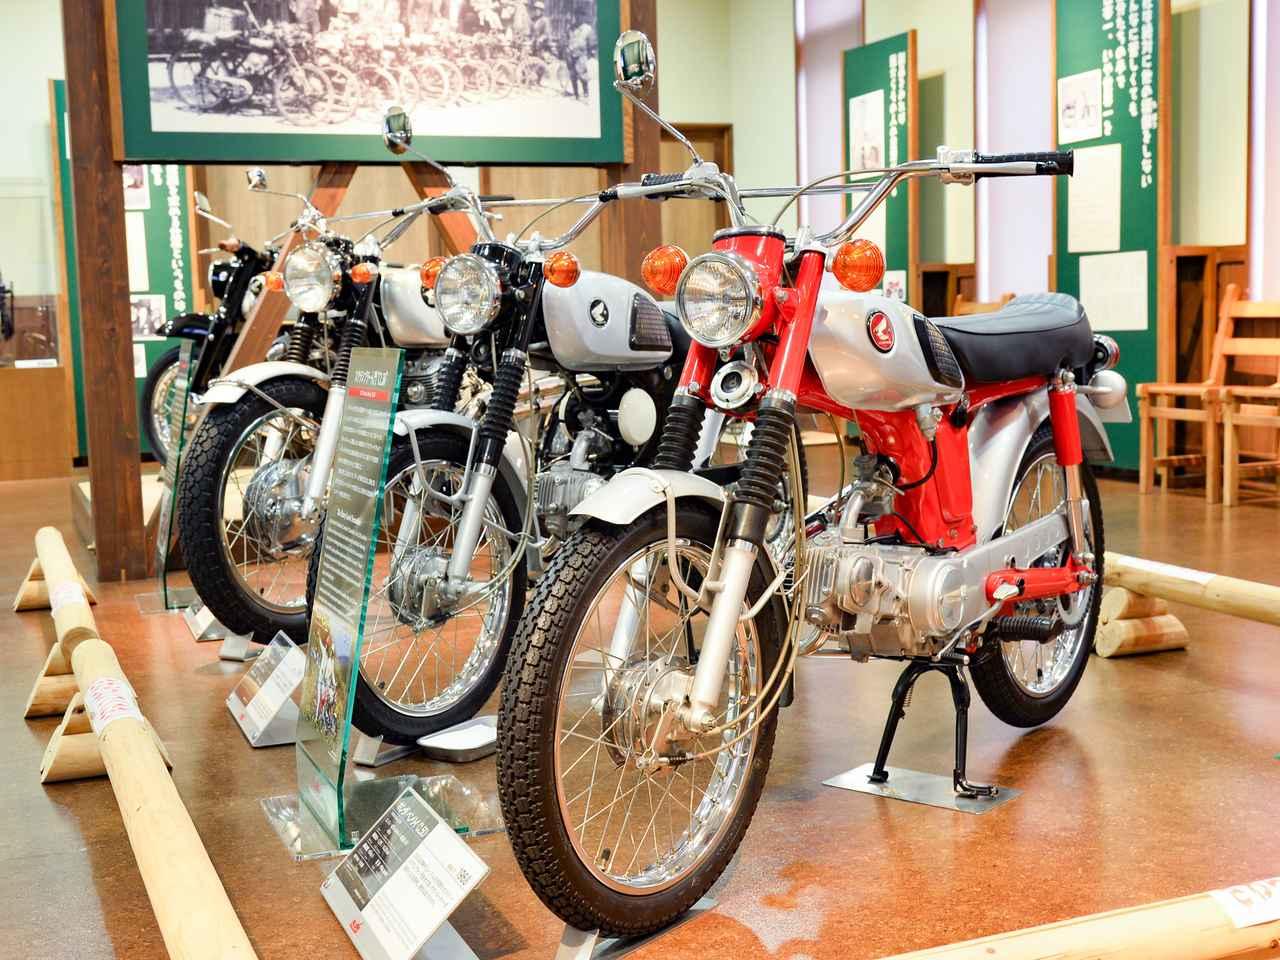 本田宗一郎はバイクを作りたかったワケではない?「本田宗一郎ものづくり伝承館」で感じたホンダのルーツ【トピックス】